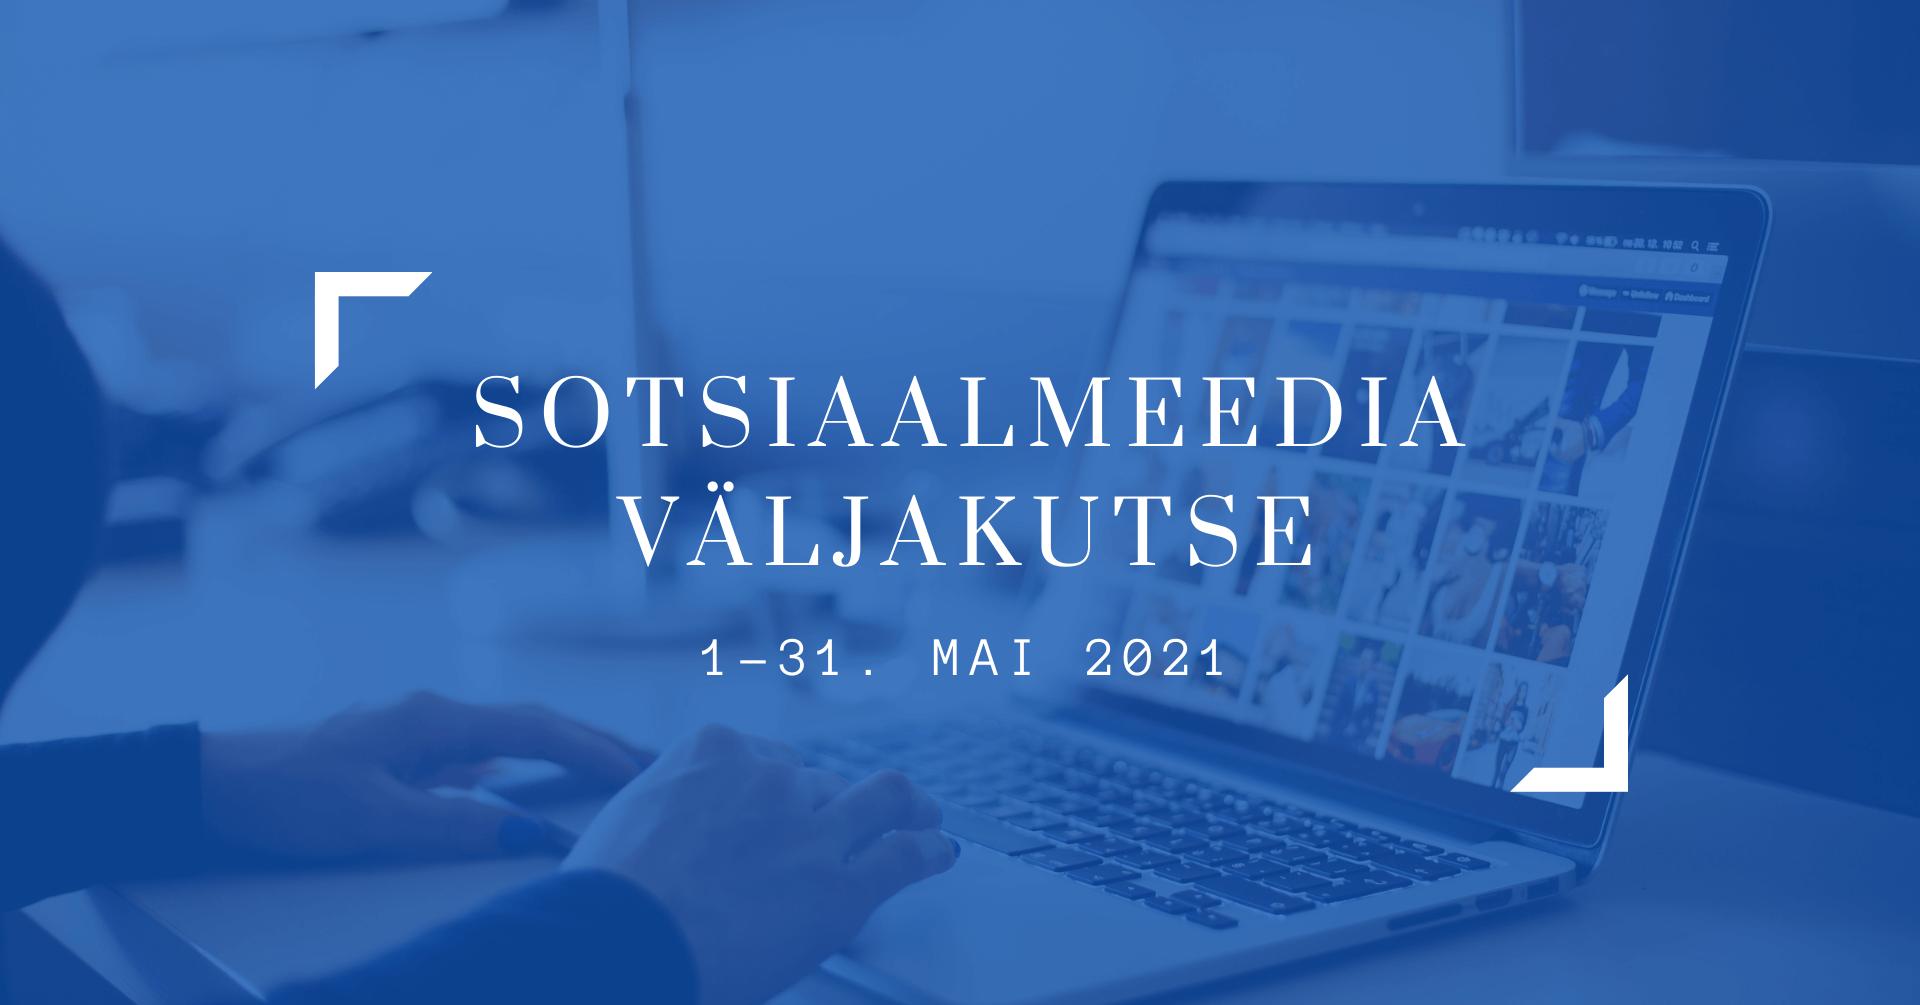 Sotsiaalmeedia koolitus mai 2021